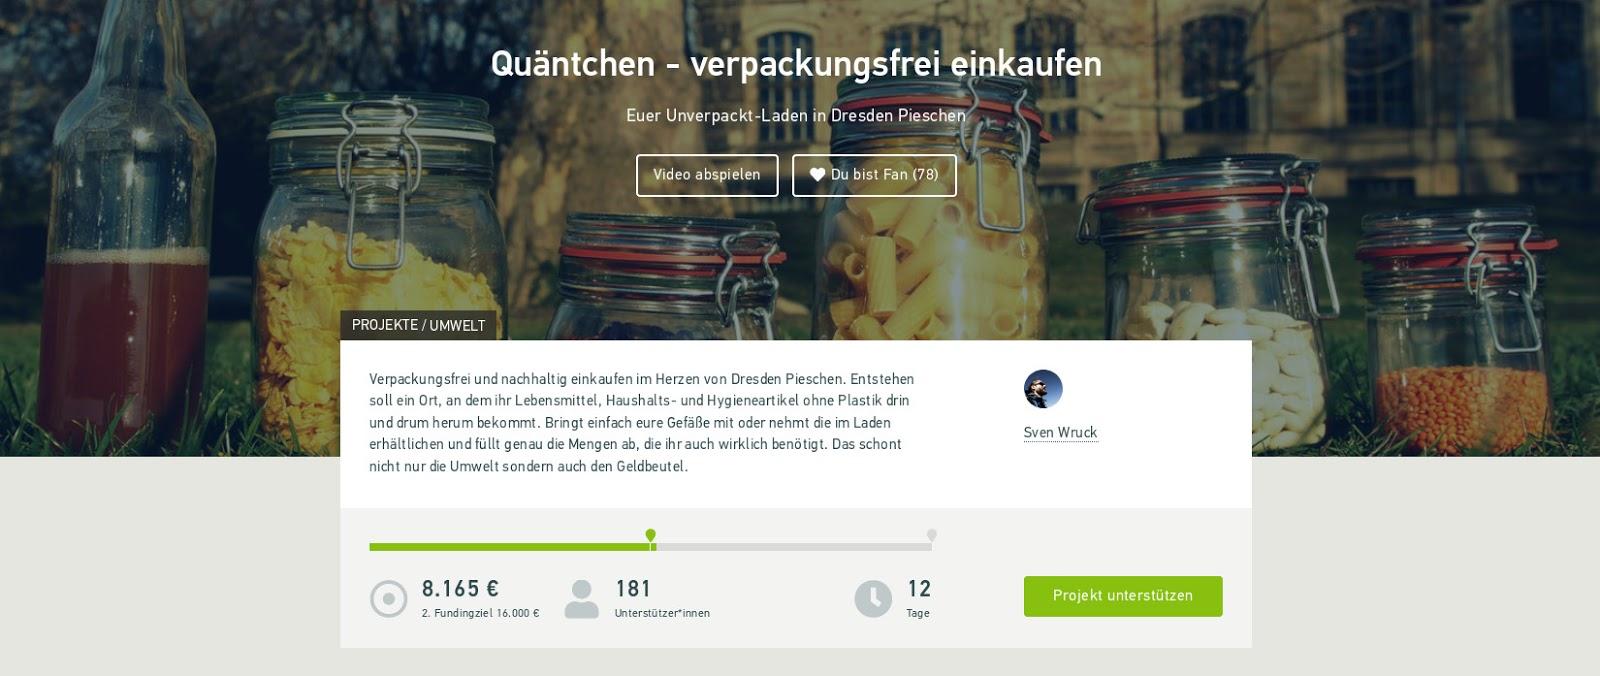 Crowdfunding Quätchen – verpackungsfrei einkaufen